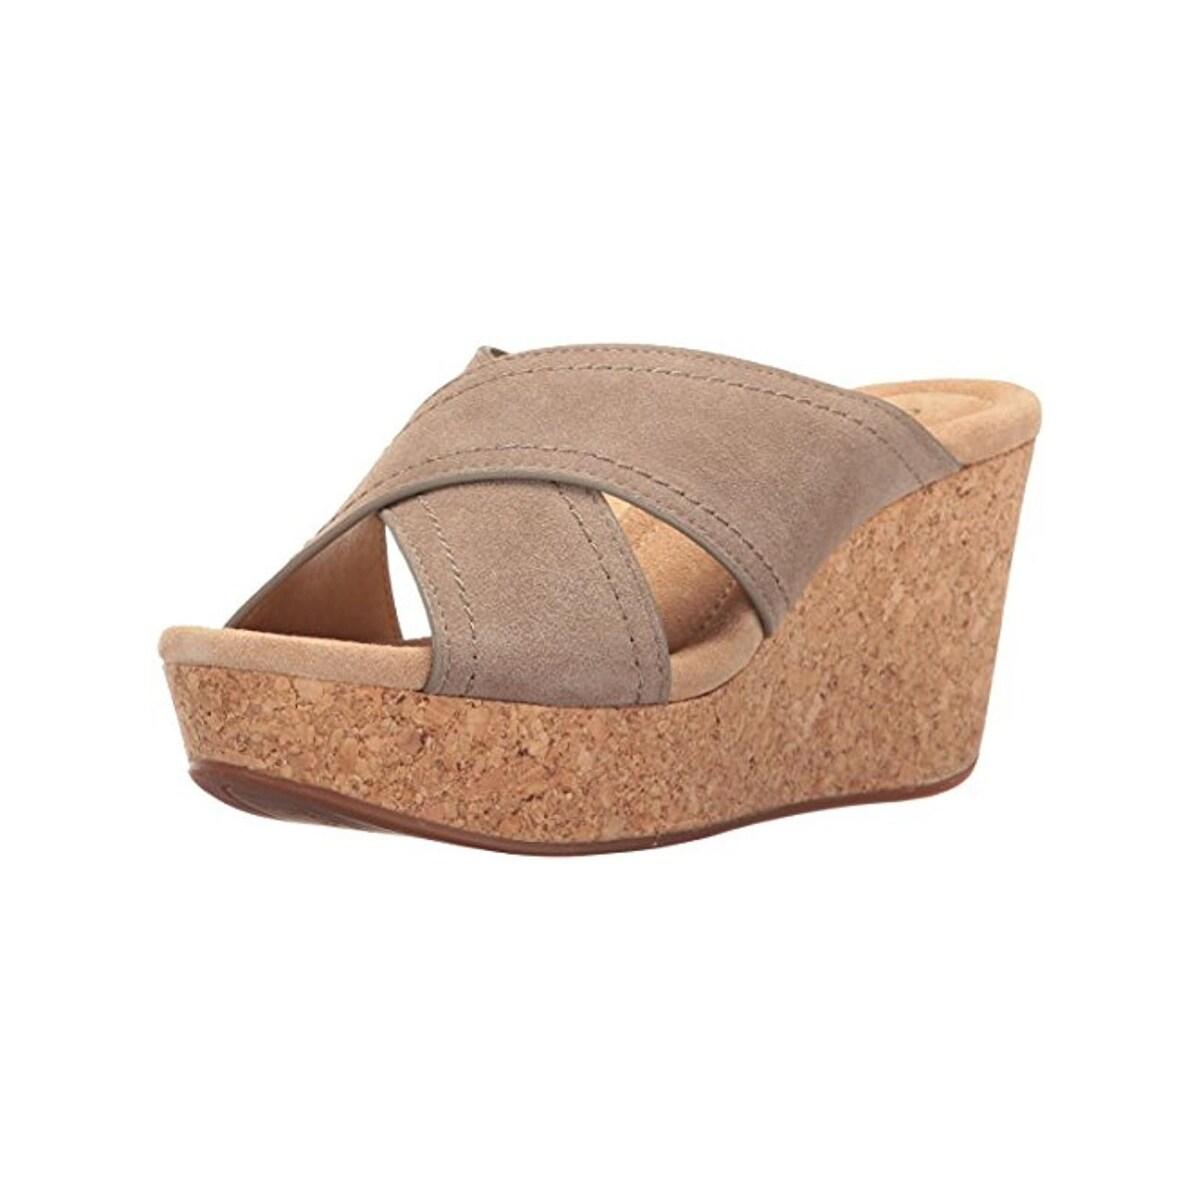 39cbe6d178f Shop Splendid Womens Joan Wedge Sandals Cork Open Toe - On Sale ...